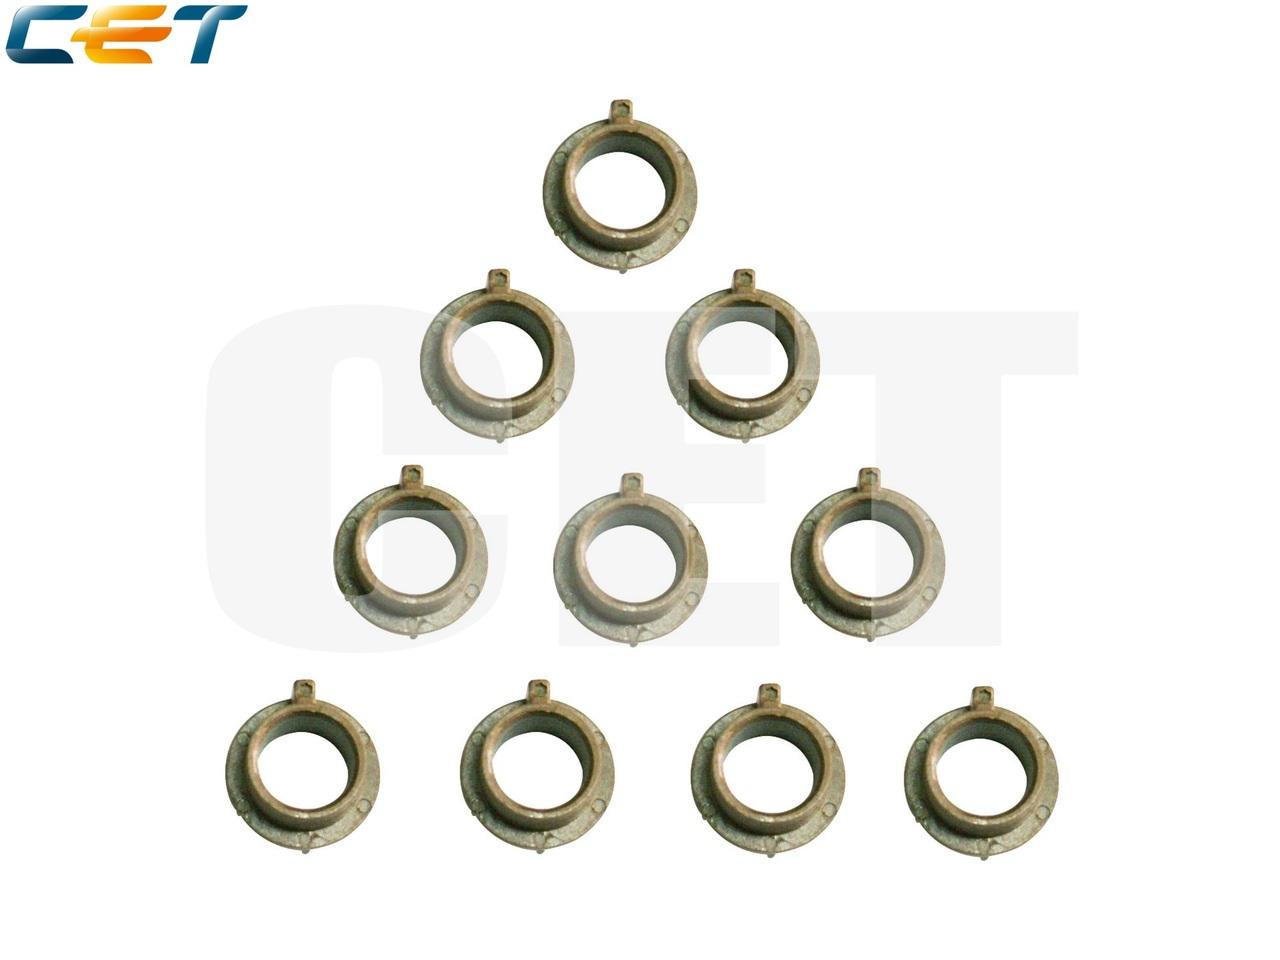 Бушинг резинового вала, правый RC1-3609-000 для HPLaserJet 1160/1320/2420/P3005 (CET), CET3995